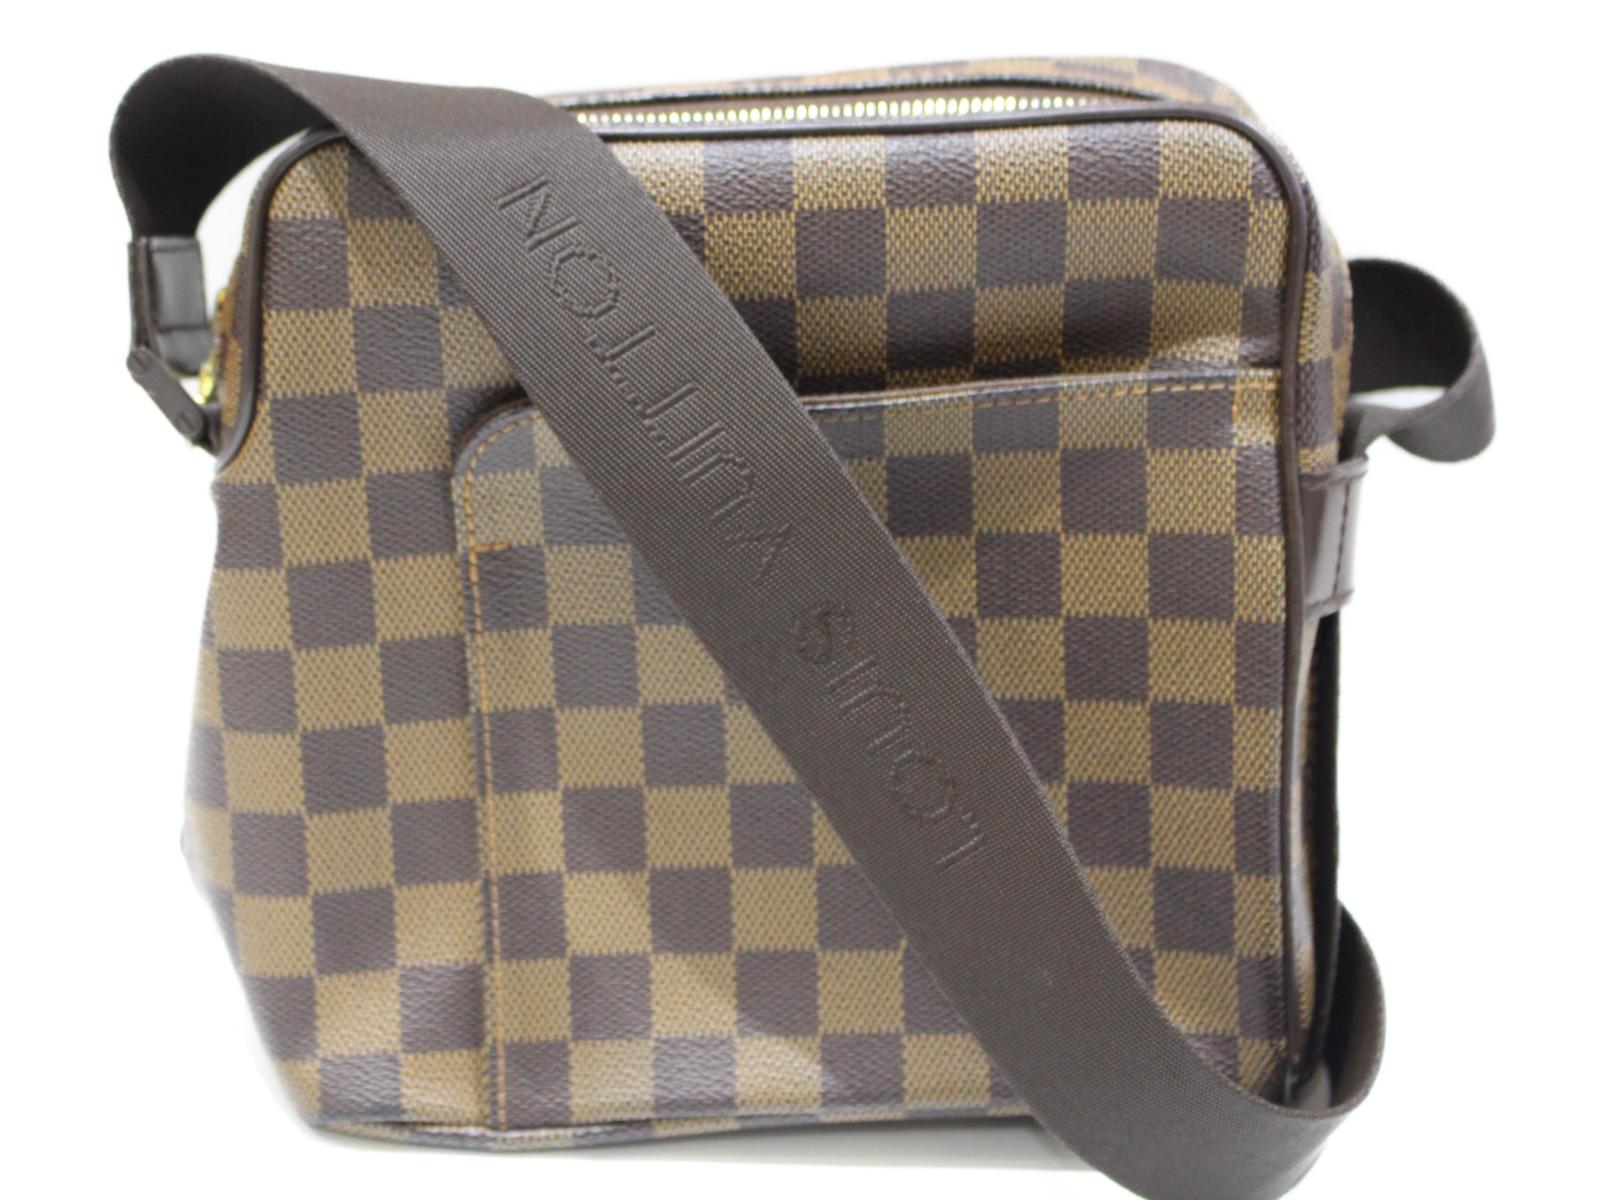 LOUIS VUITTON オラフPM N41442 テレビで話題 ダミエ エベヌ ブラウン×ベージュ コーティングキャンバス 有名な ショルダーバッグ メンズ ユニセックス 中古品 プレゼント包装可 レディース 中古 サブバッグ